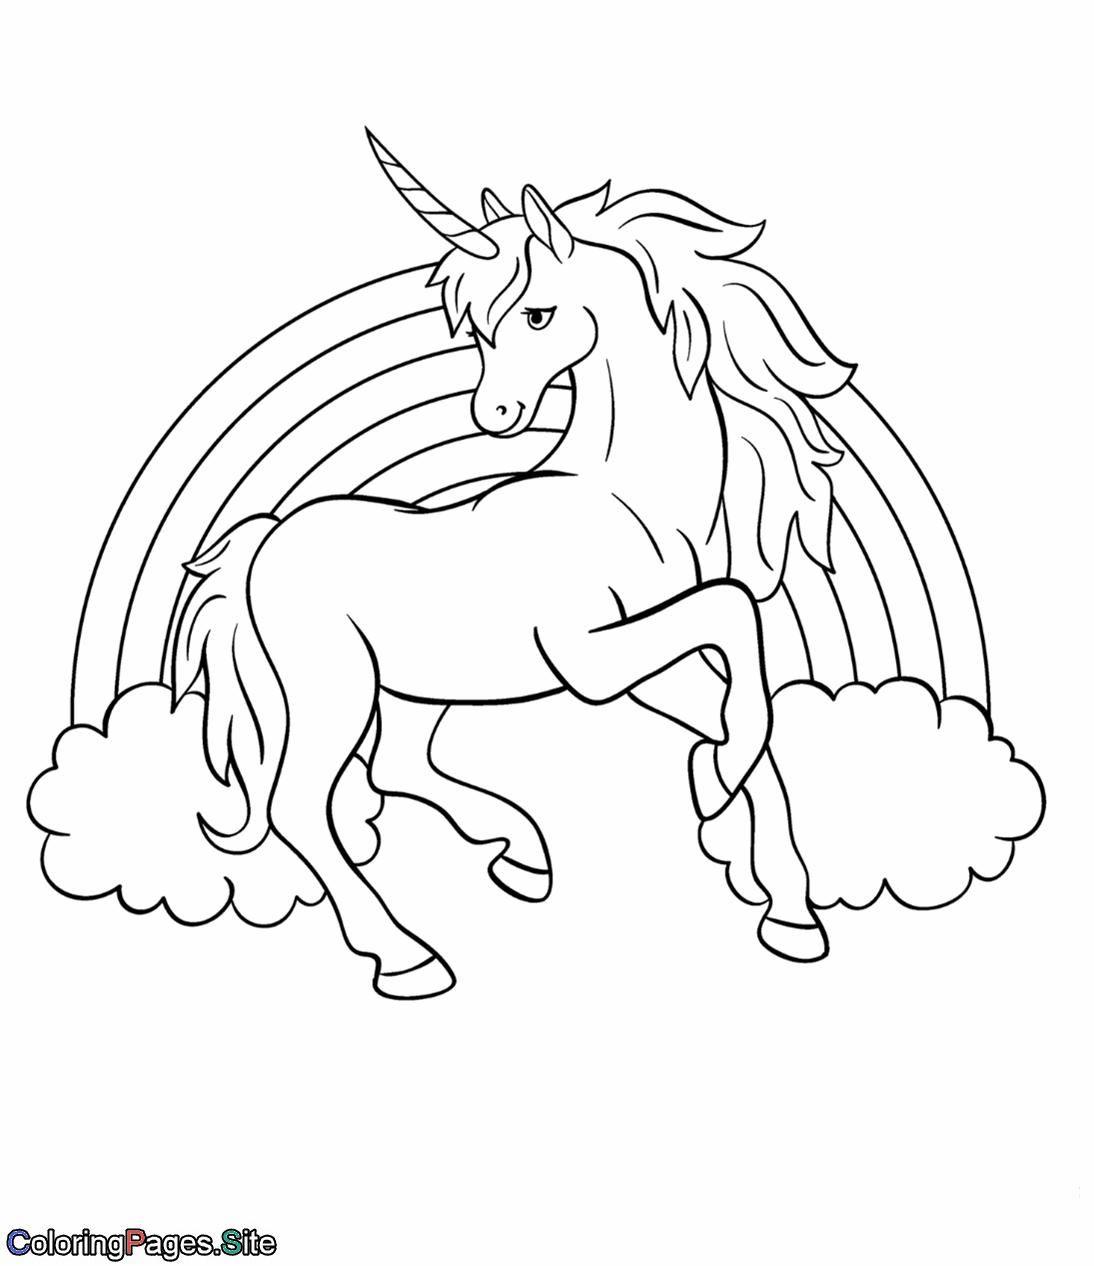 Unicorn Poop Emoji Coloring Pages Archives Cinebrique